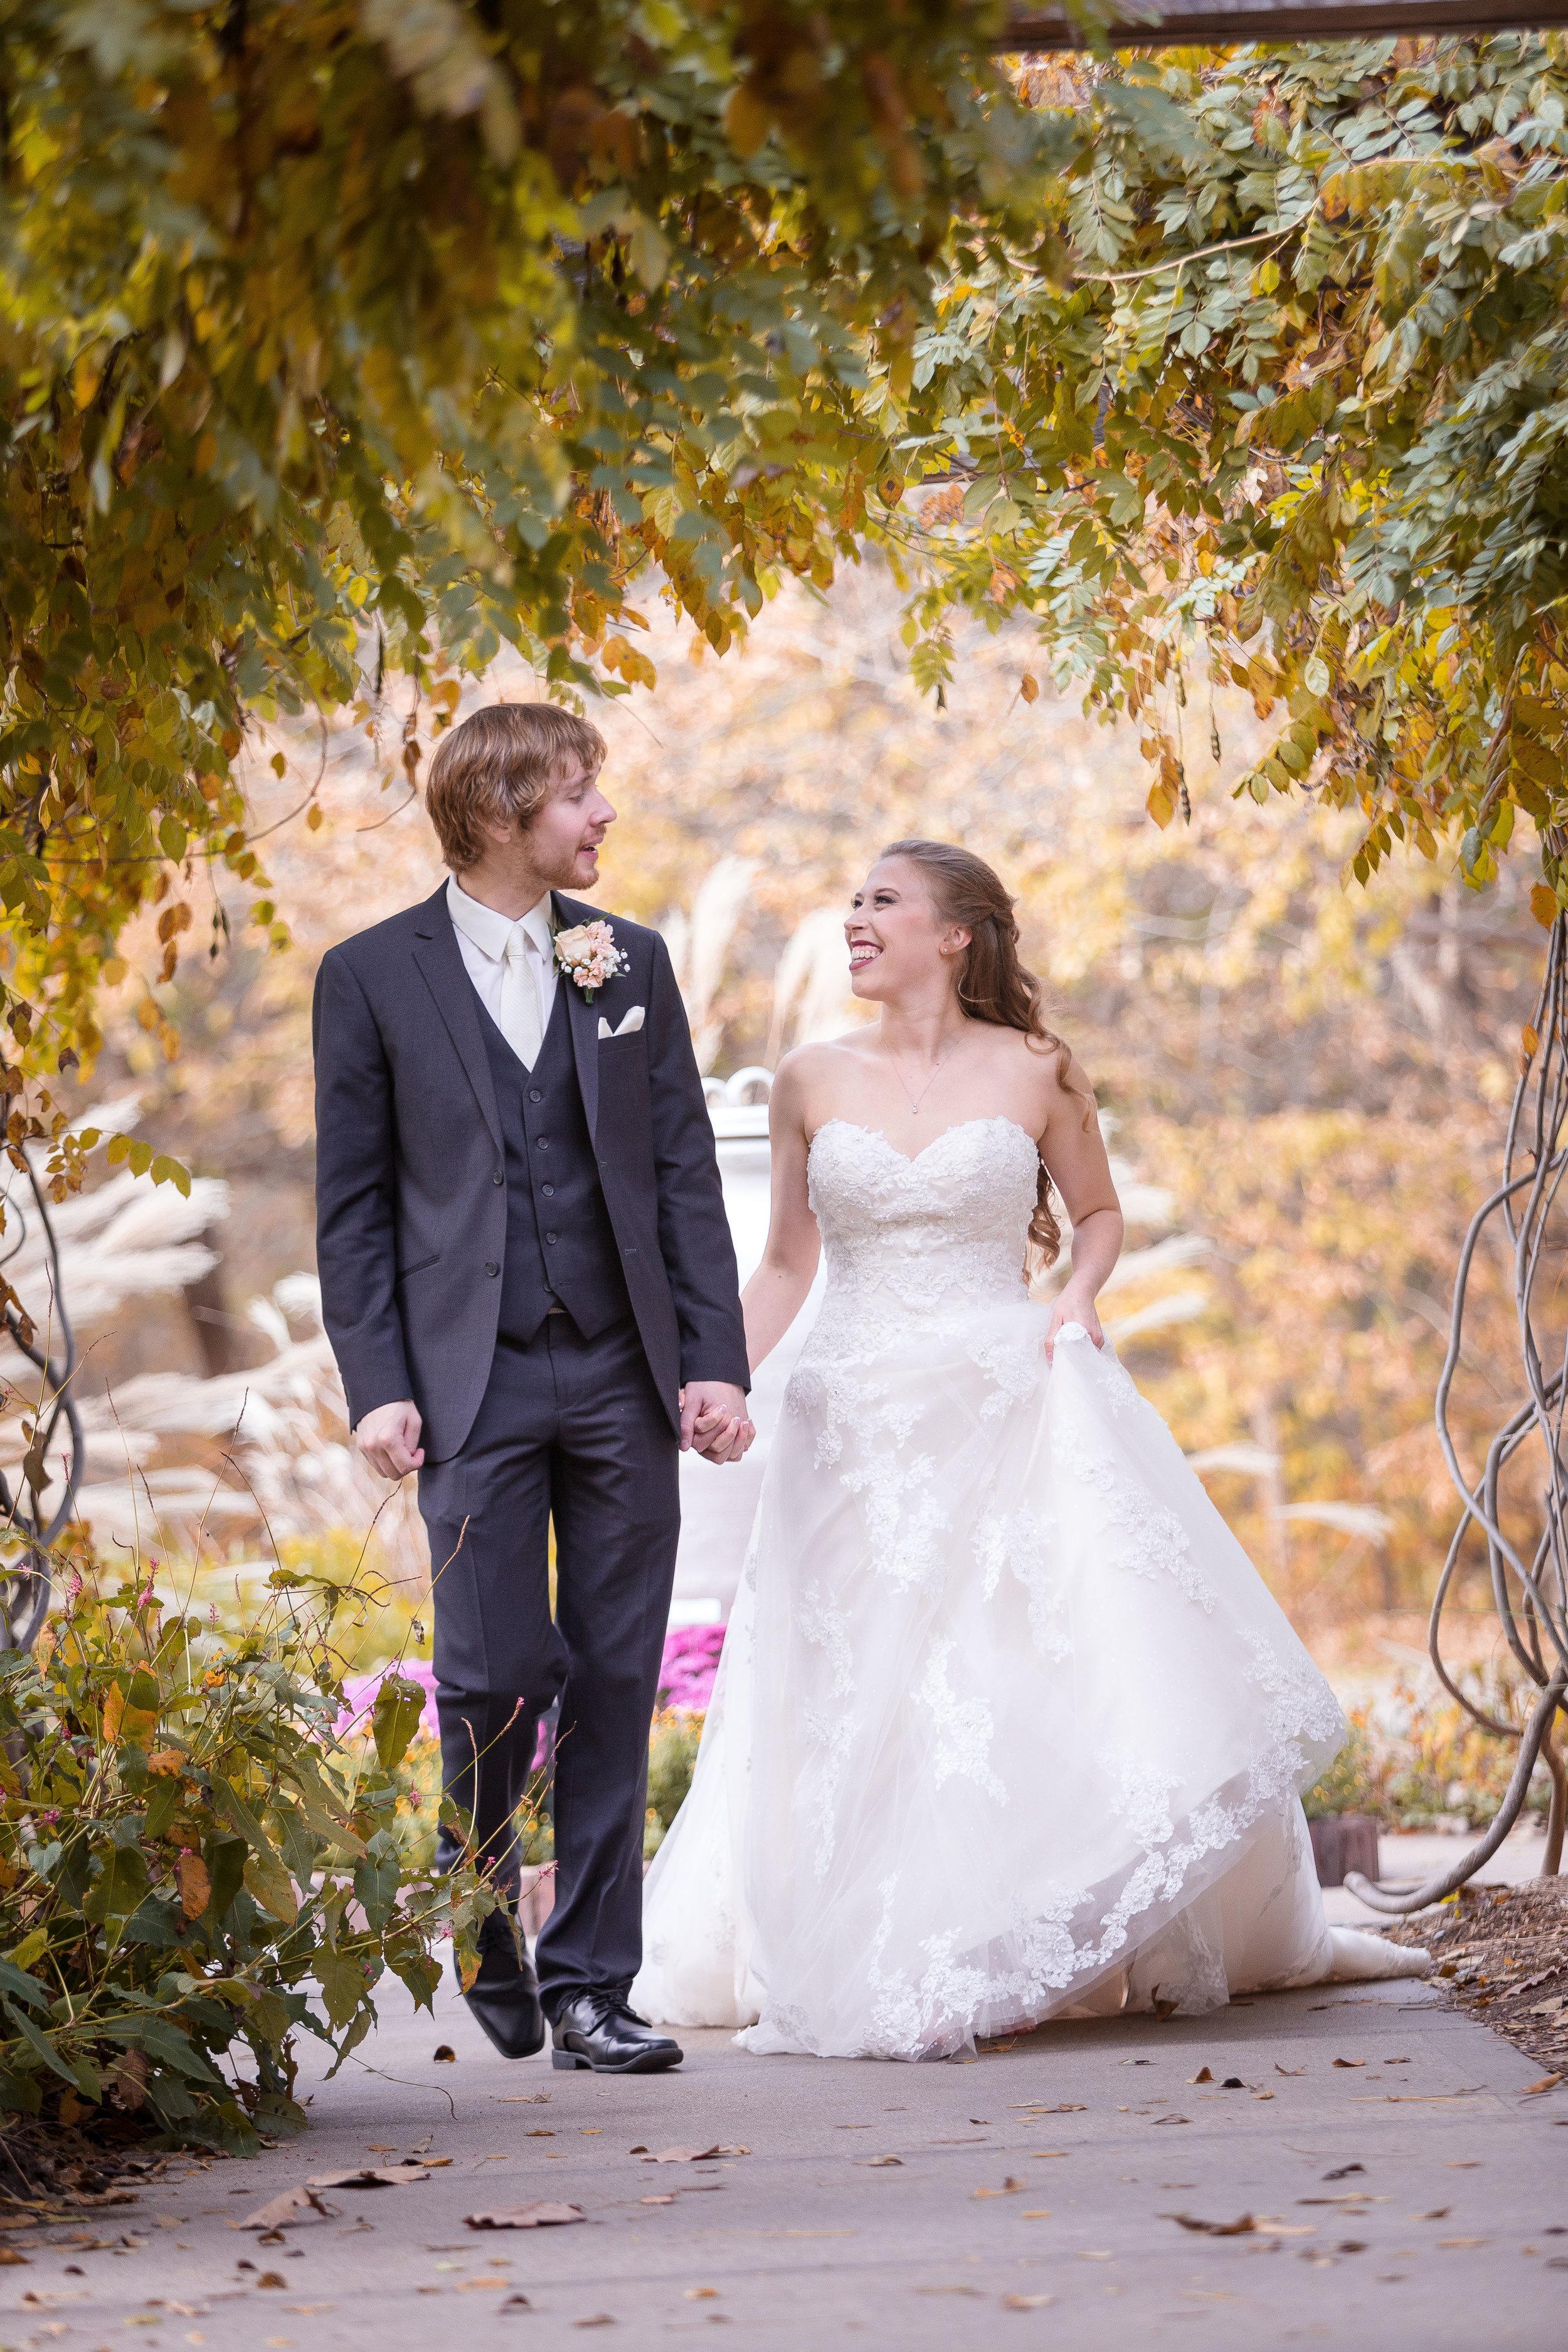 C_Wedding_Spellman, Megan & Tyler_10.27.18-819.JPG